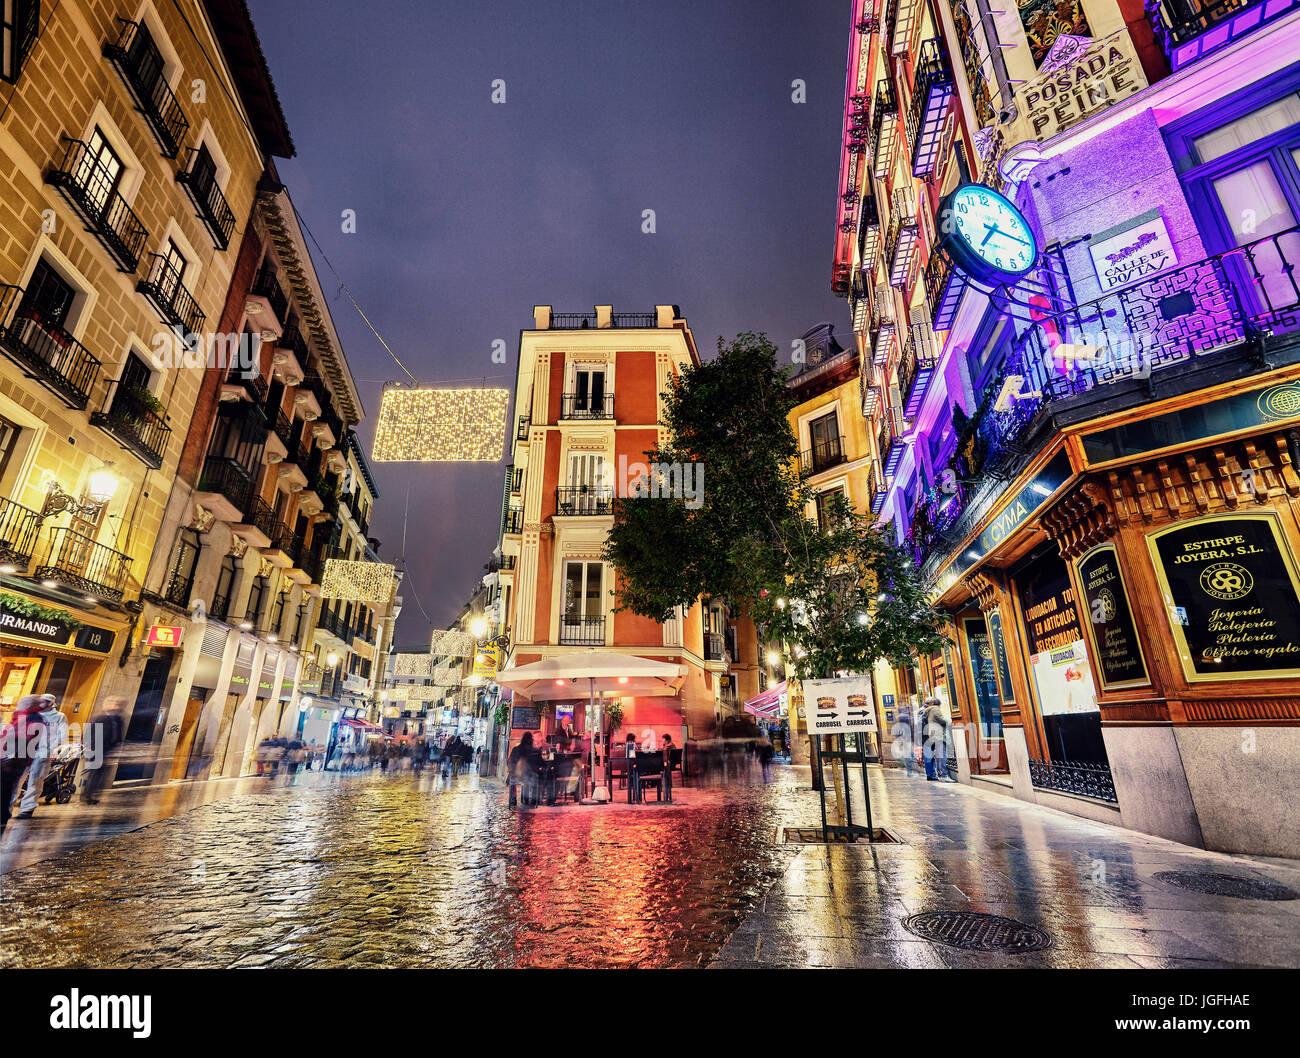 Postas street at Christmastime. Madrid. Spain - Stock Image